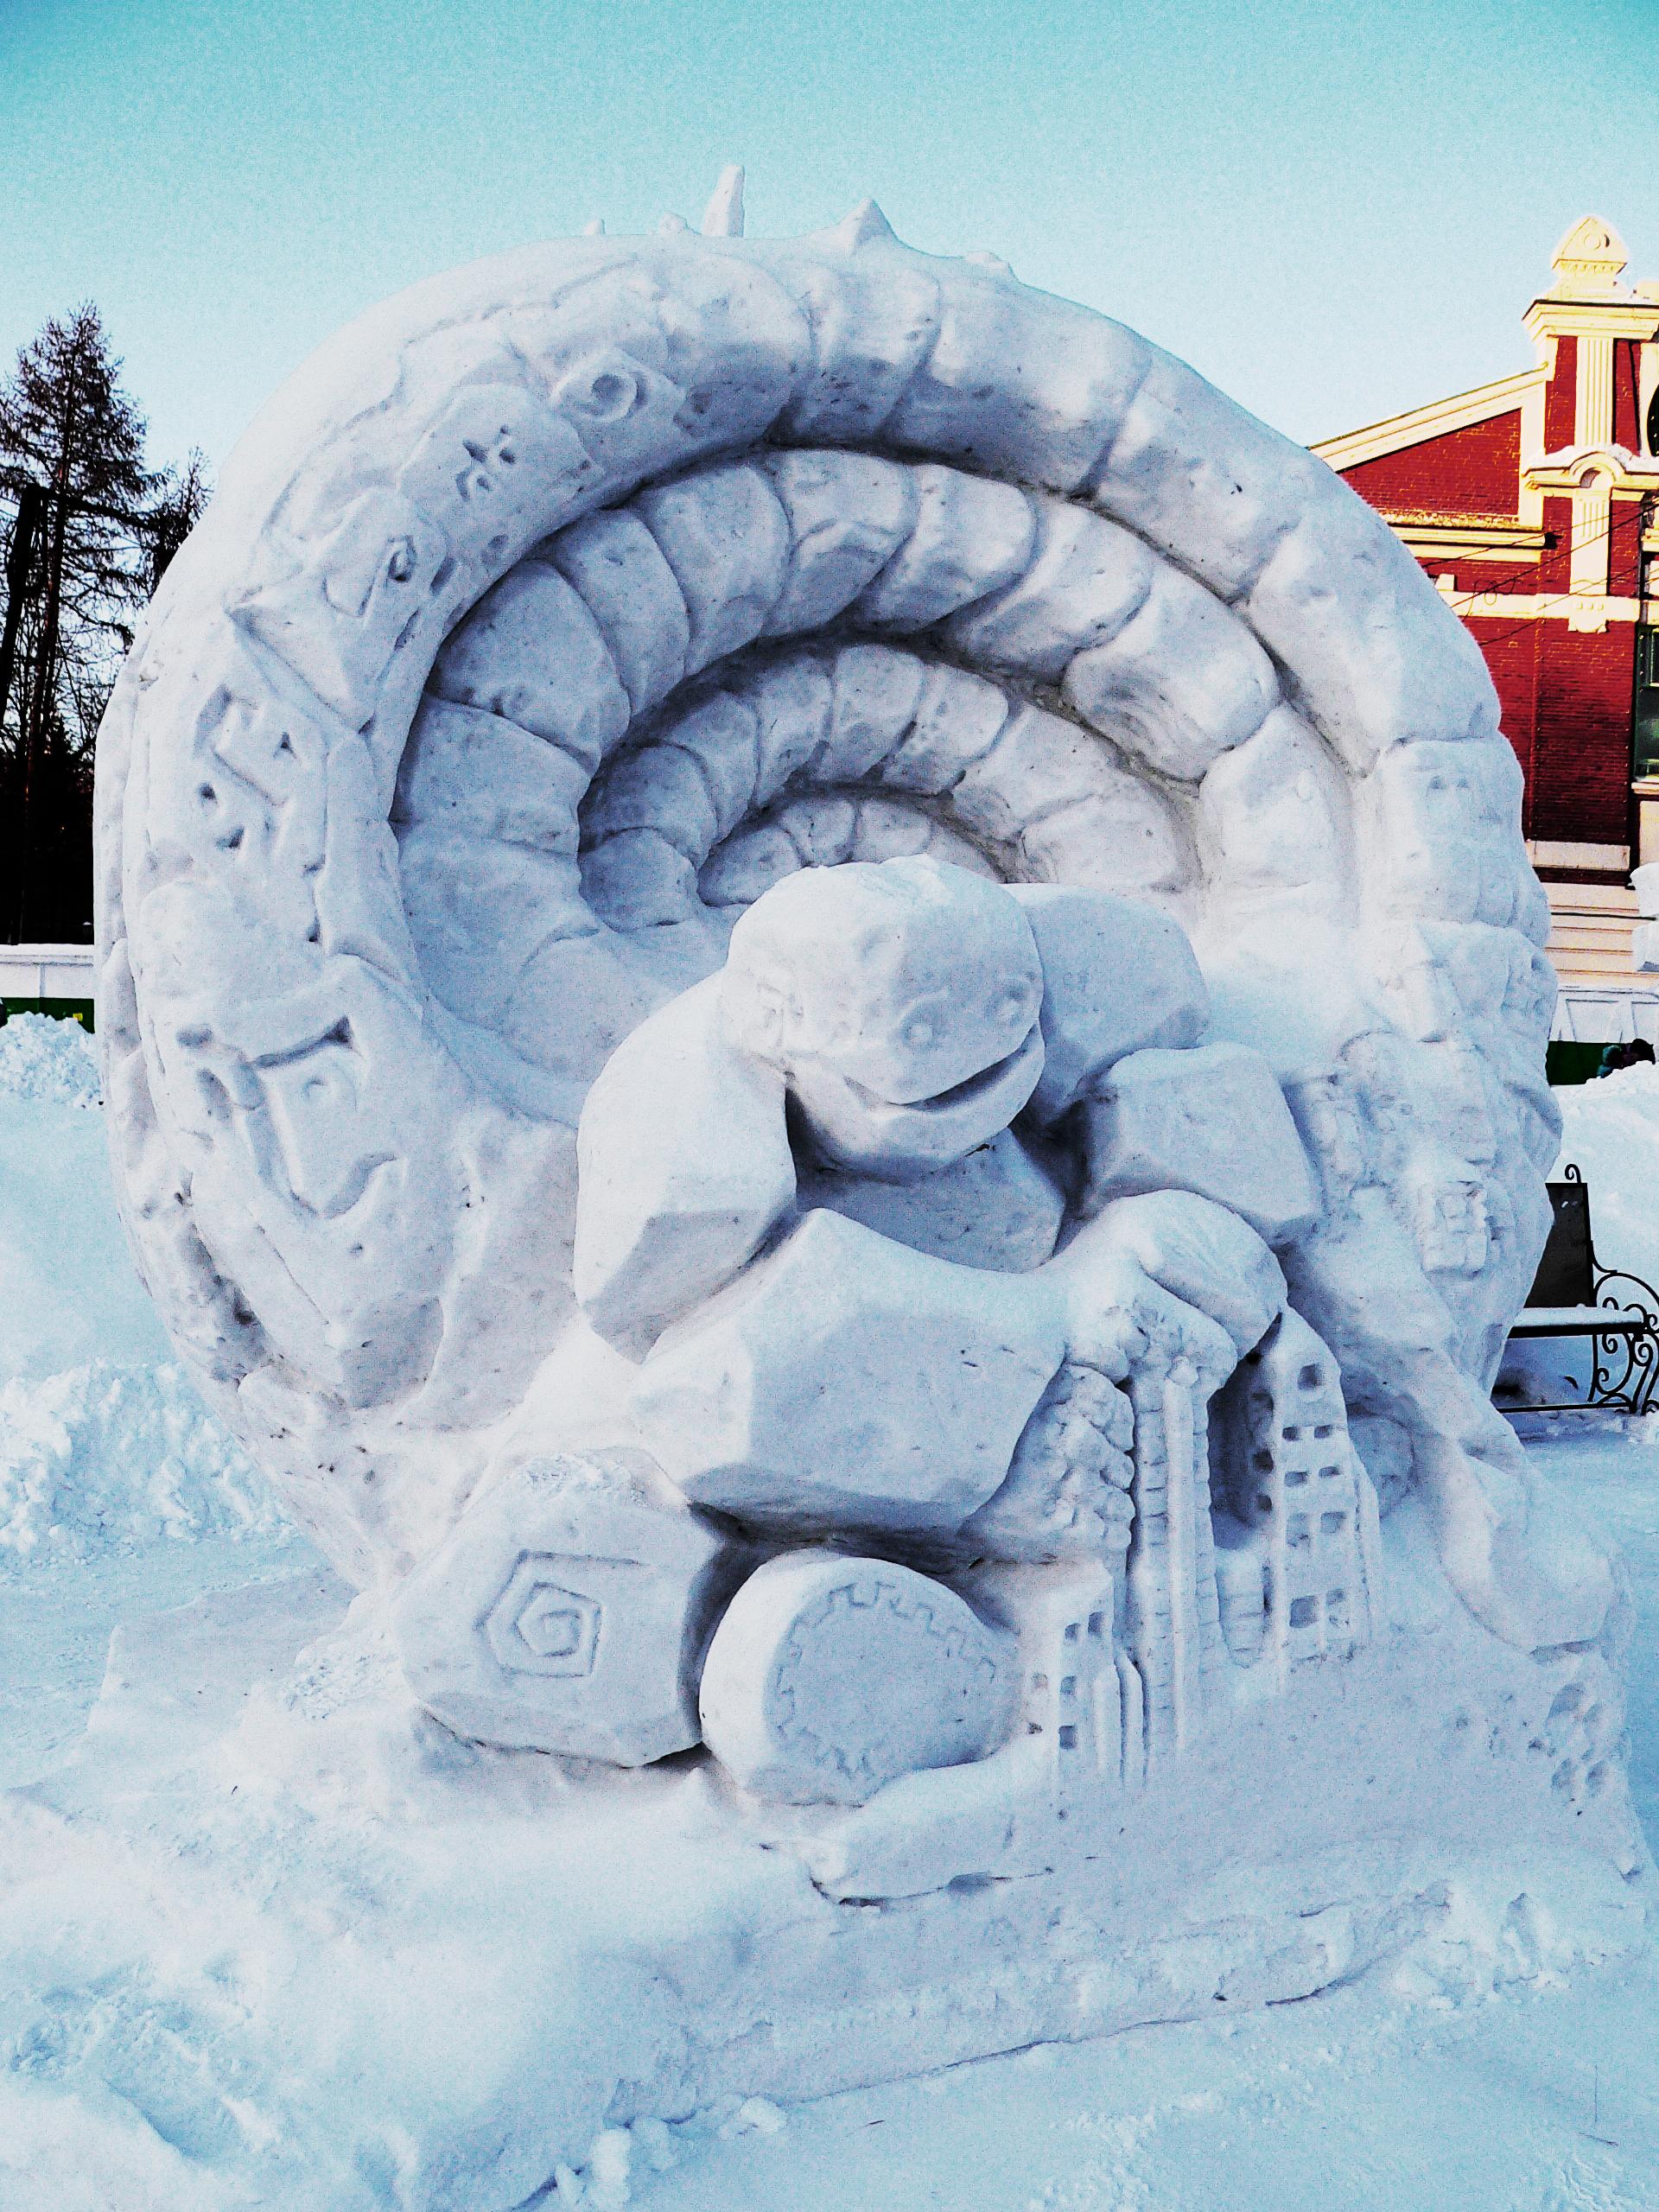 Снежная_скульптура_змея_строит